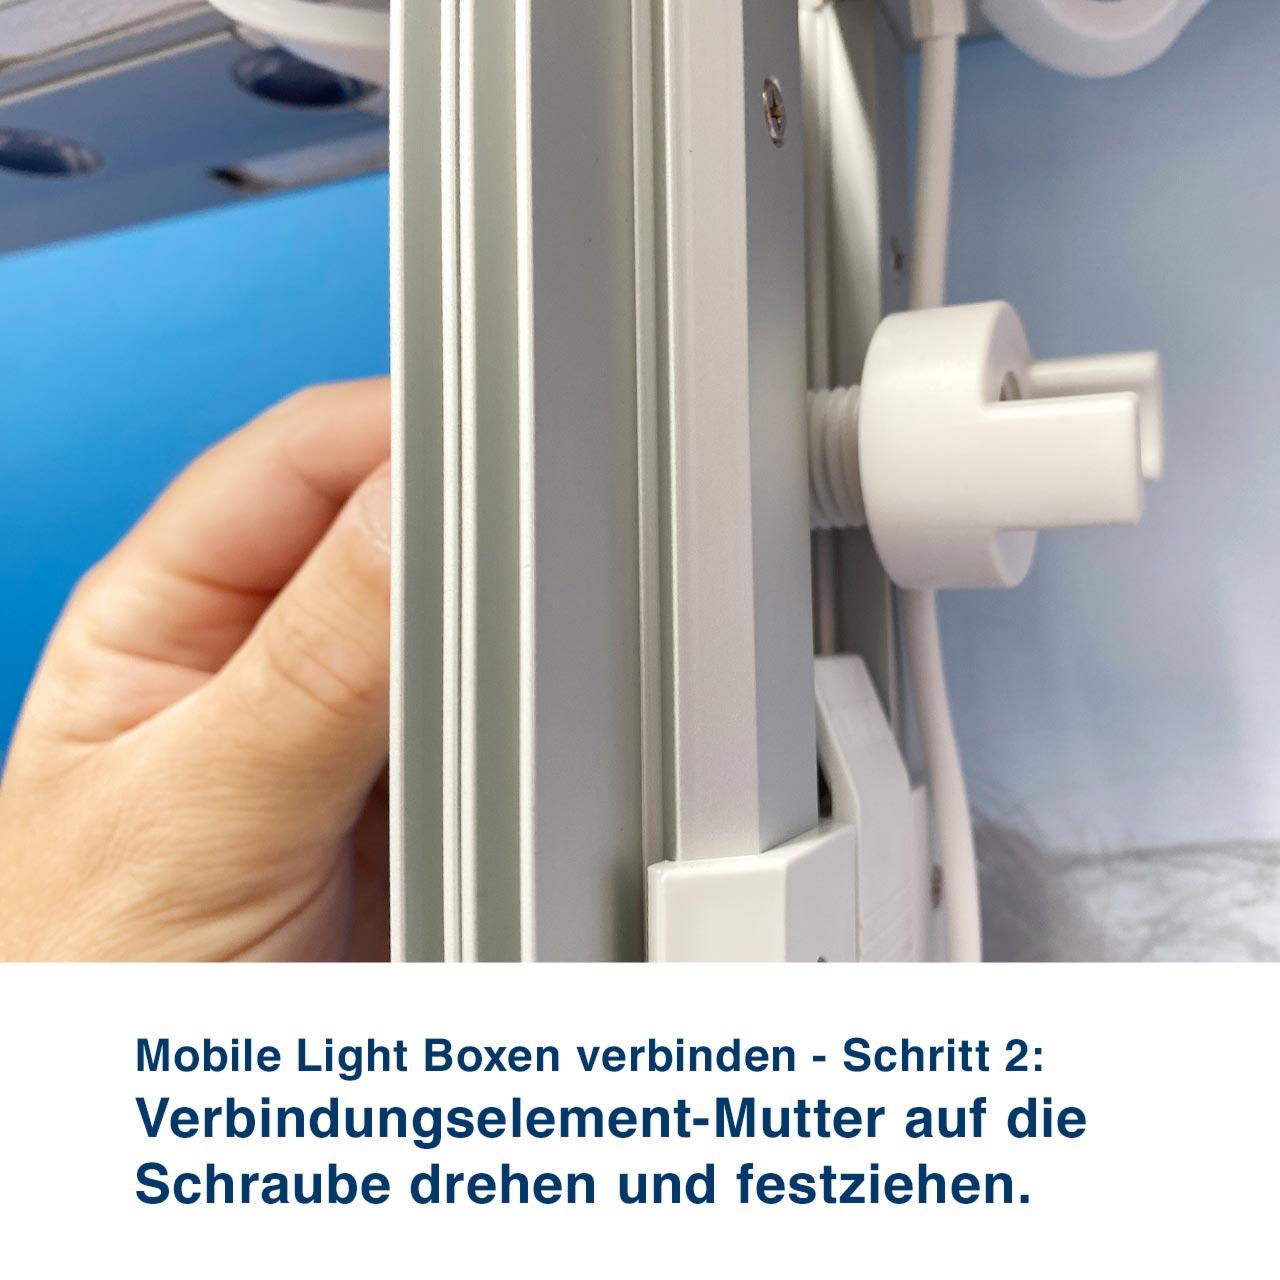 Mobile Light Boxen verbinden - Schritt 2:  Verbindungselement-Mutter auf die Schraube drehen und festziehen.